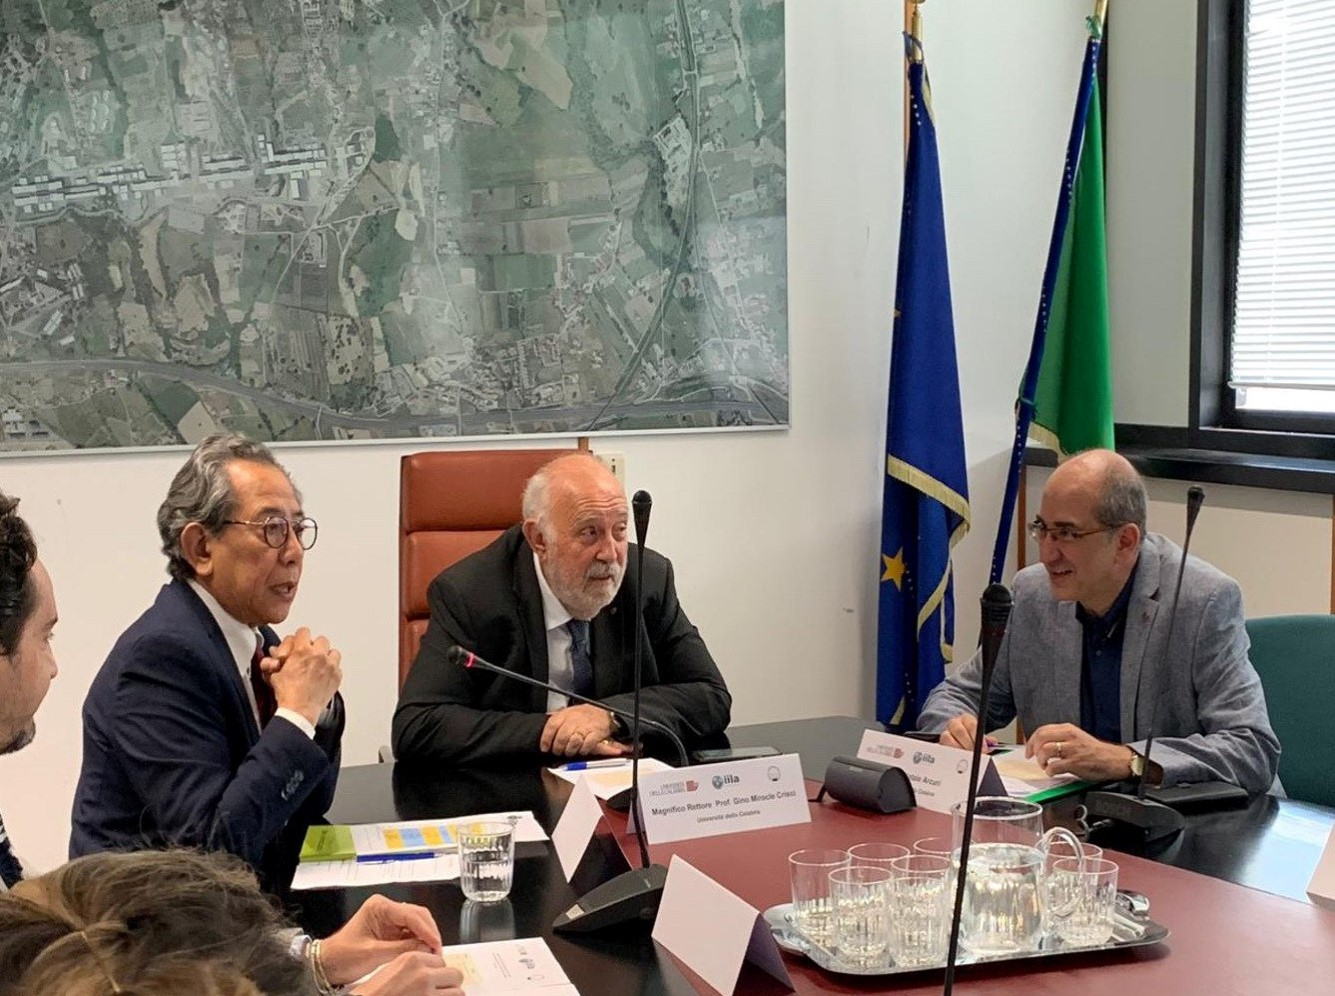 Cordinatore Foro Rhi Sausi, Mag. Rettore, Prof. Natale Arcuri (1)